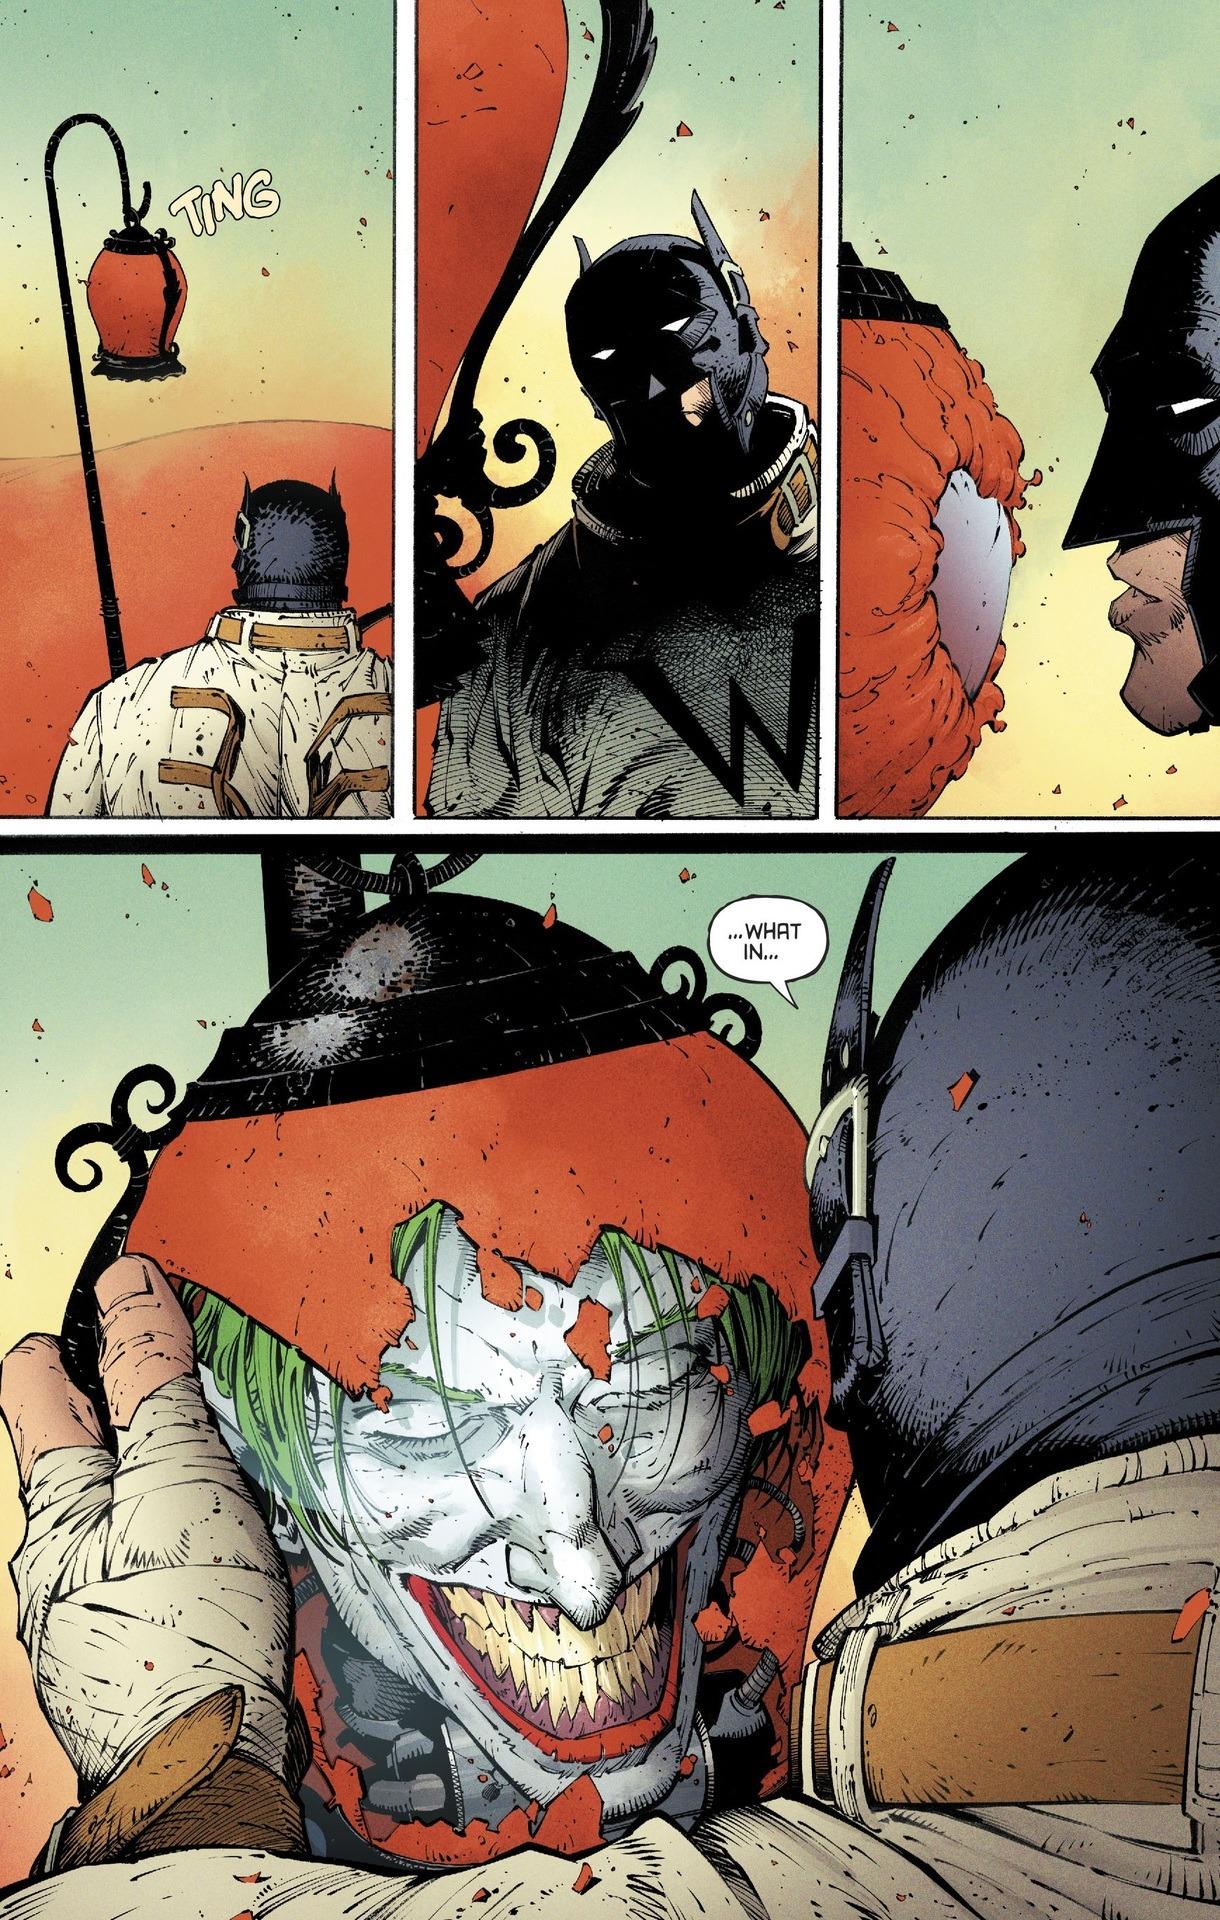 Dedicated Hot Avengers Endgame Marvel Atrocitus Spider Man Iron Man Everett Rose Thanos Captain Marvel Hulk Joker Compatible Kid Toys H Blocks